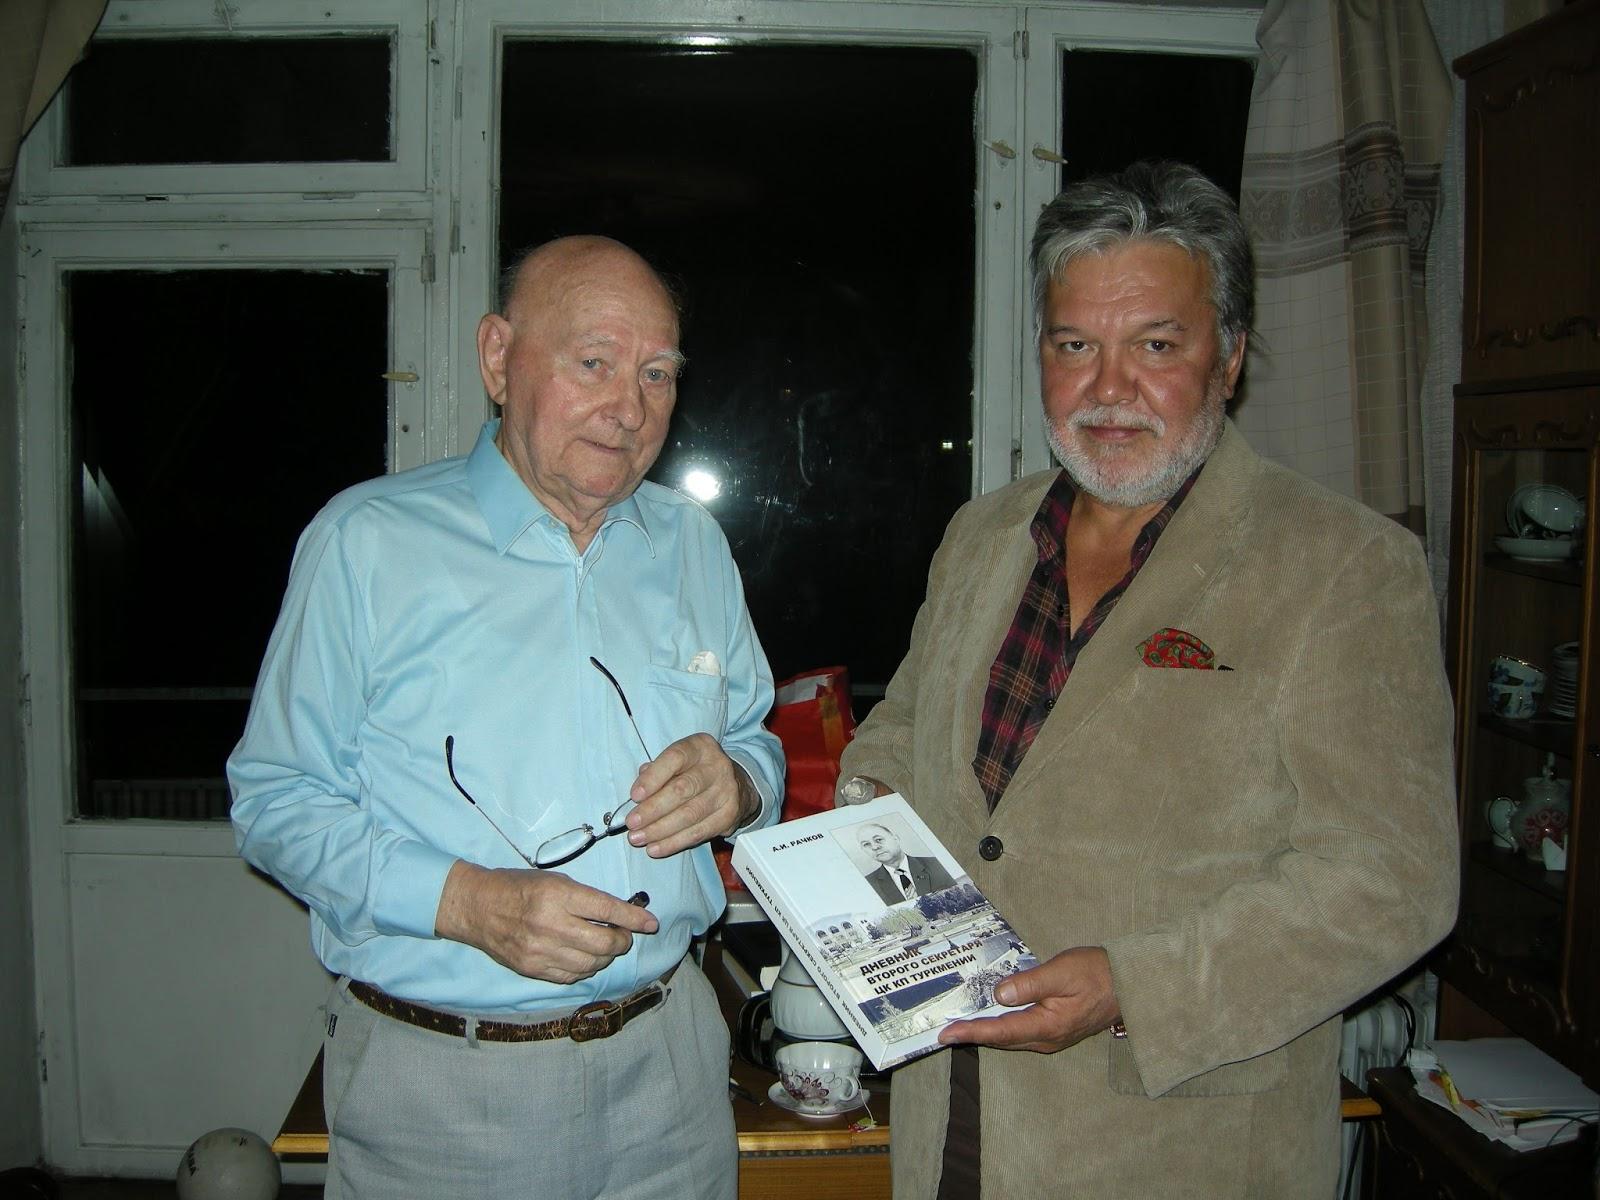 Книга вторая не издана, но вместе с первой книгой представлена на сайте